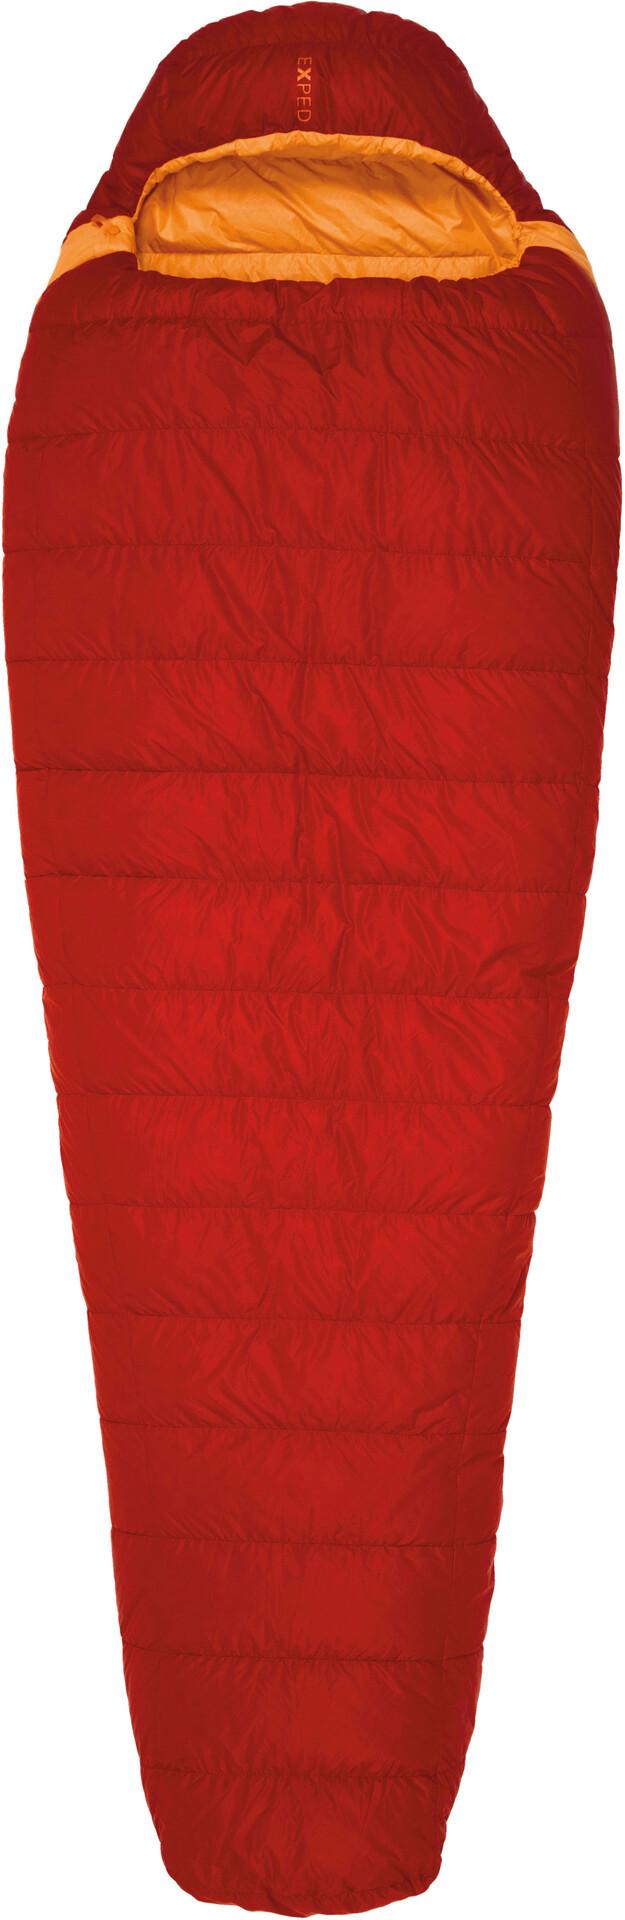 Exped Lite Sleeping Bag -11° M M M 40a24e